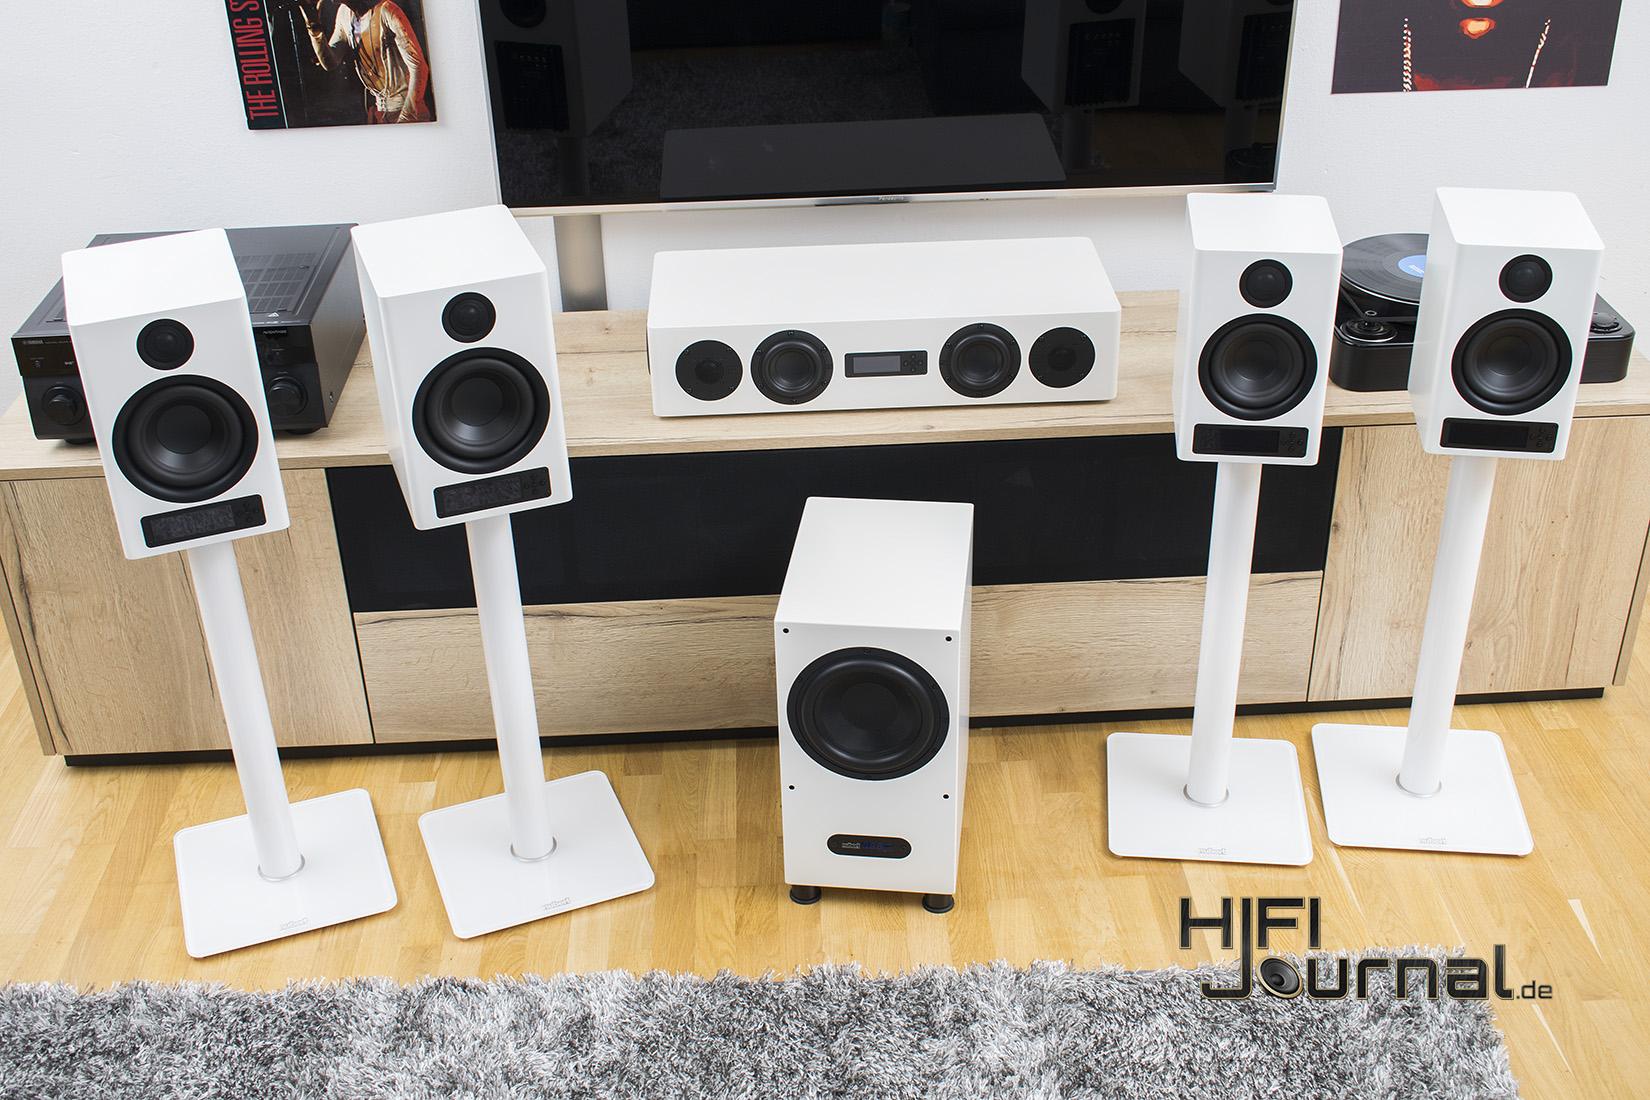 Test: Nubert Wireless Surround mit der X-Serie - HiFi-Journal